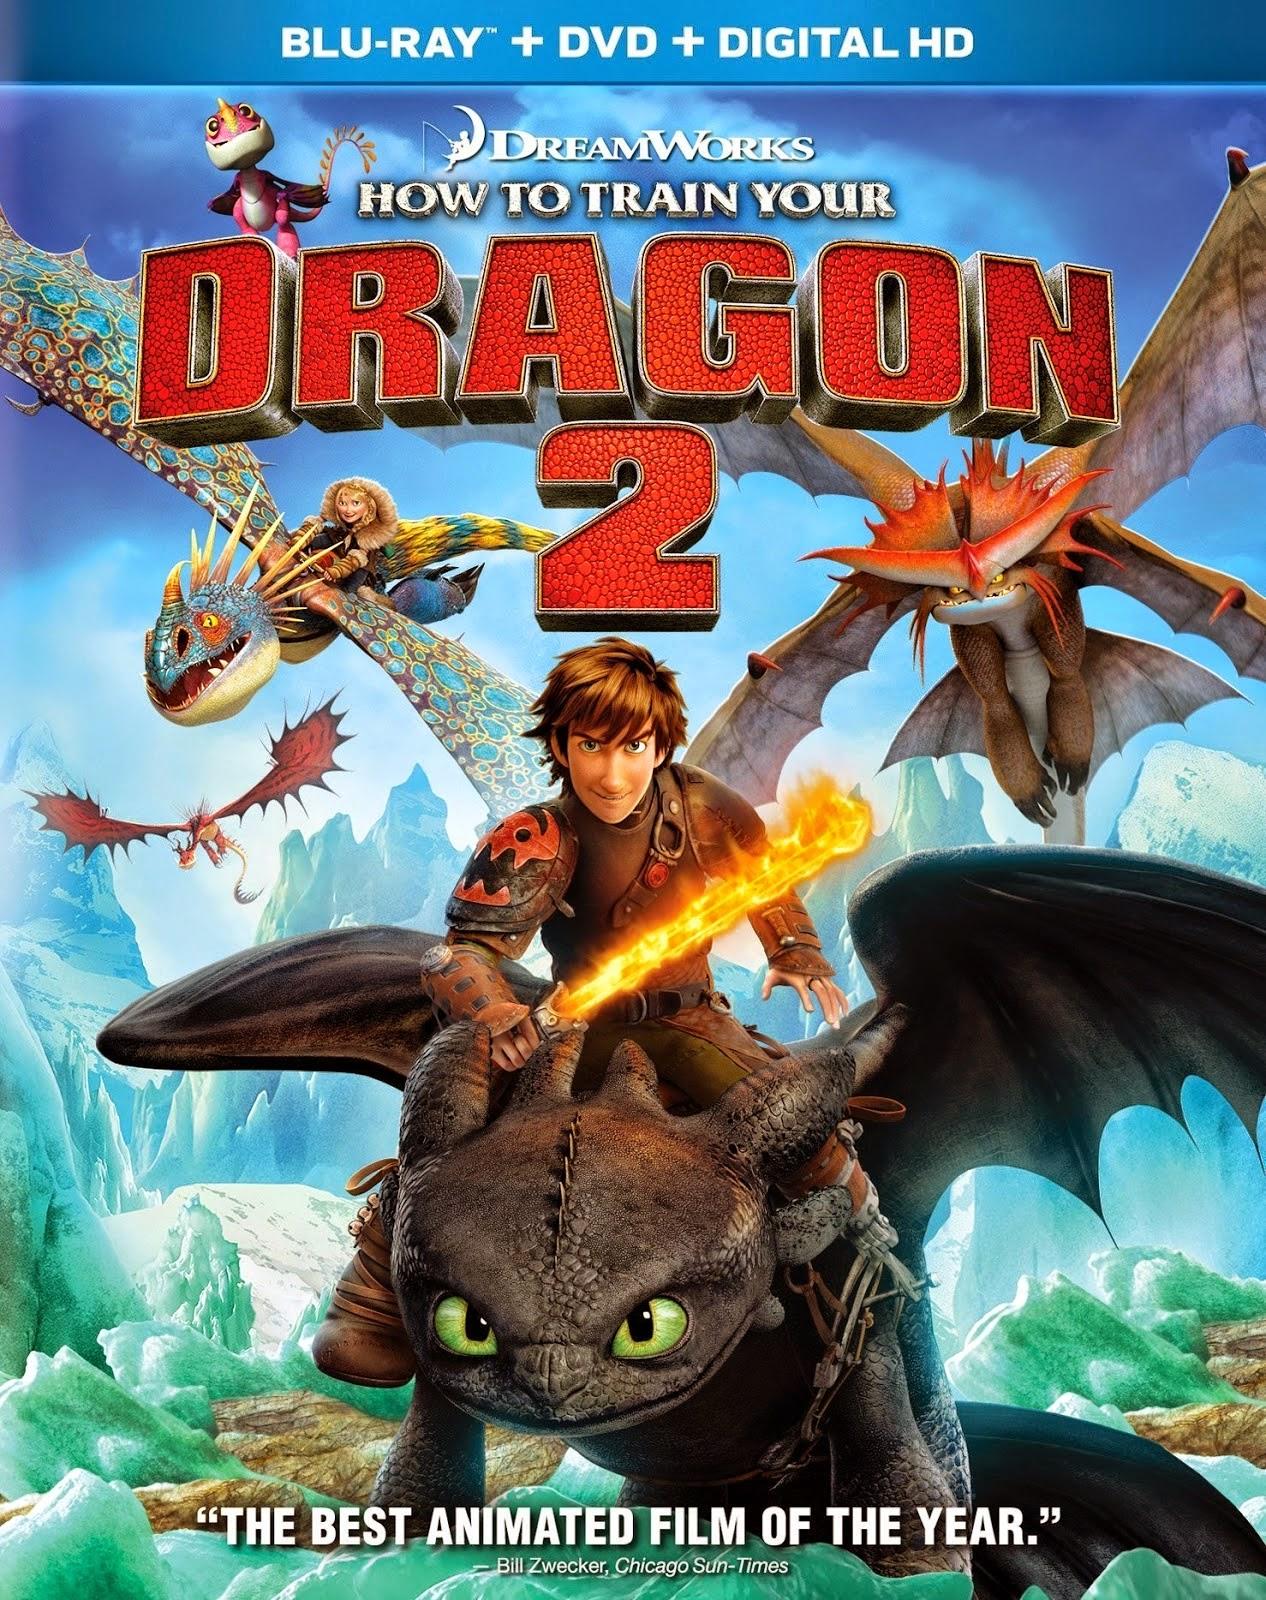 ดูการ์ตูน How to Train Your Dragon 2 อภินิหารไวกิ้งพิชิตมังกร 2